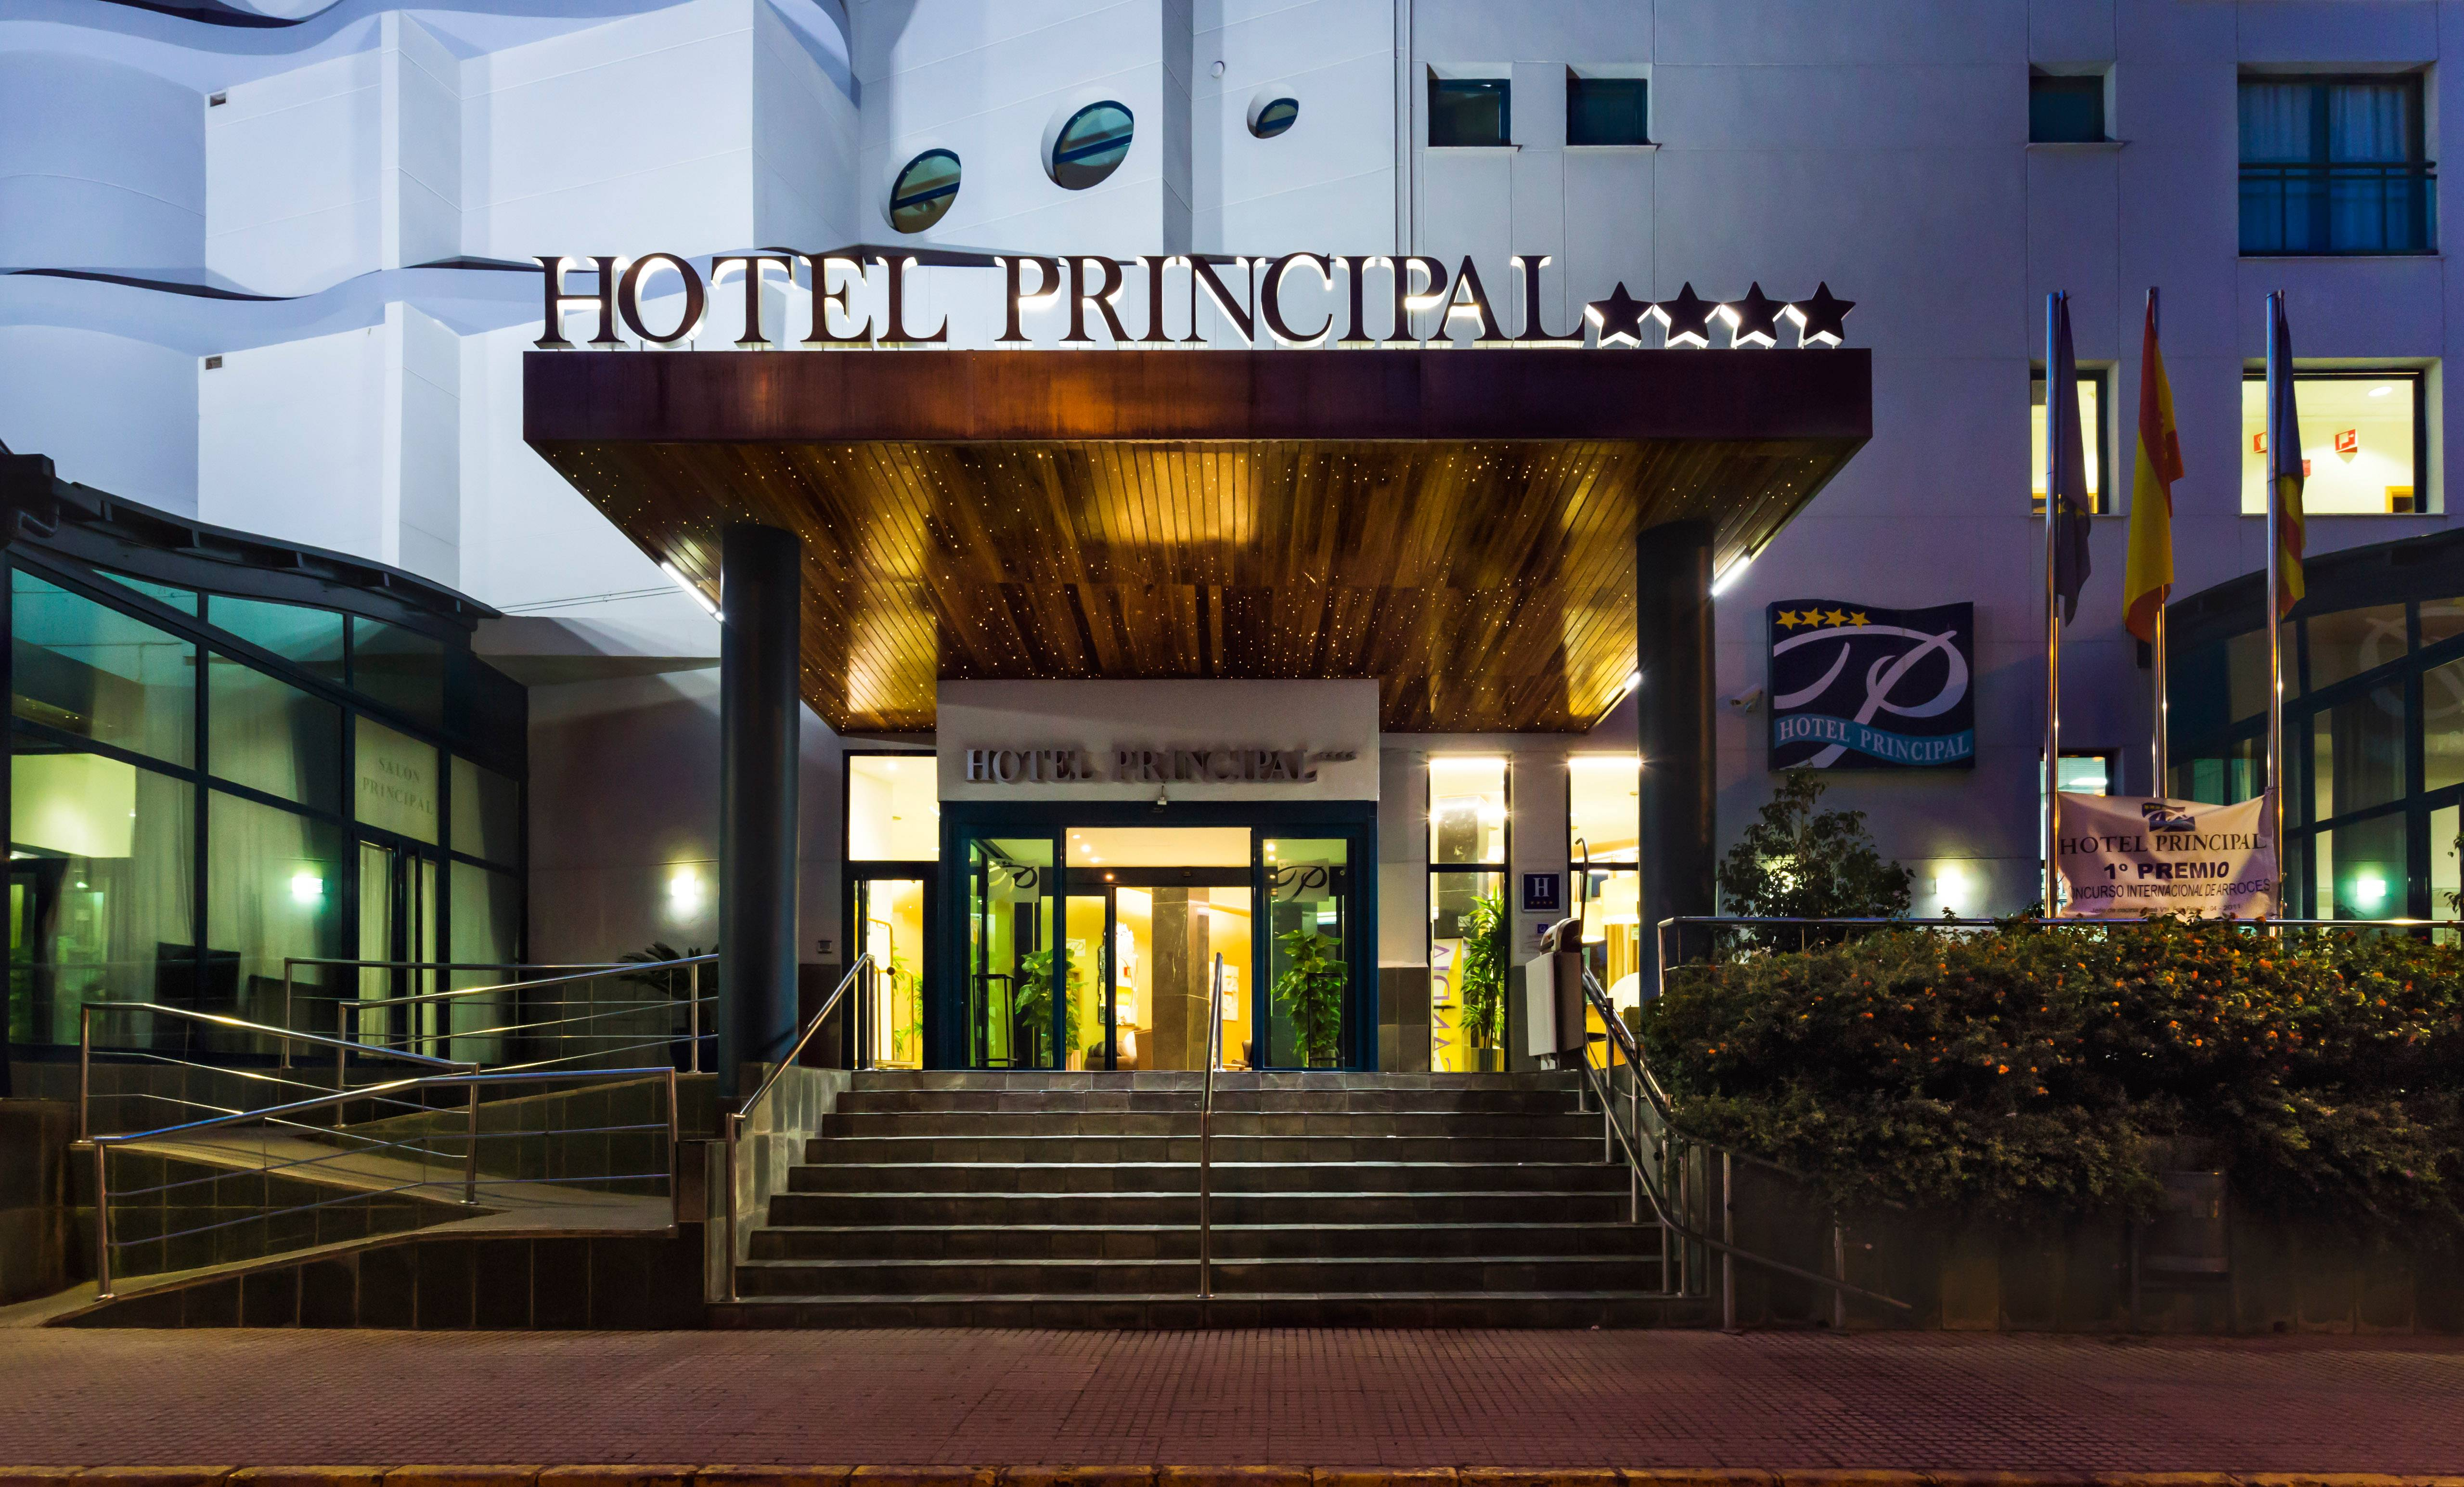 Hotel Principal